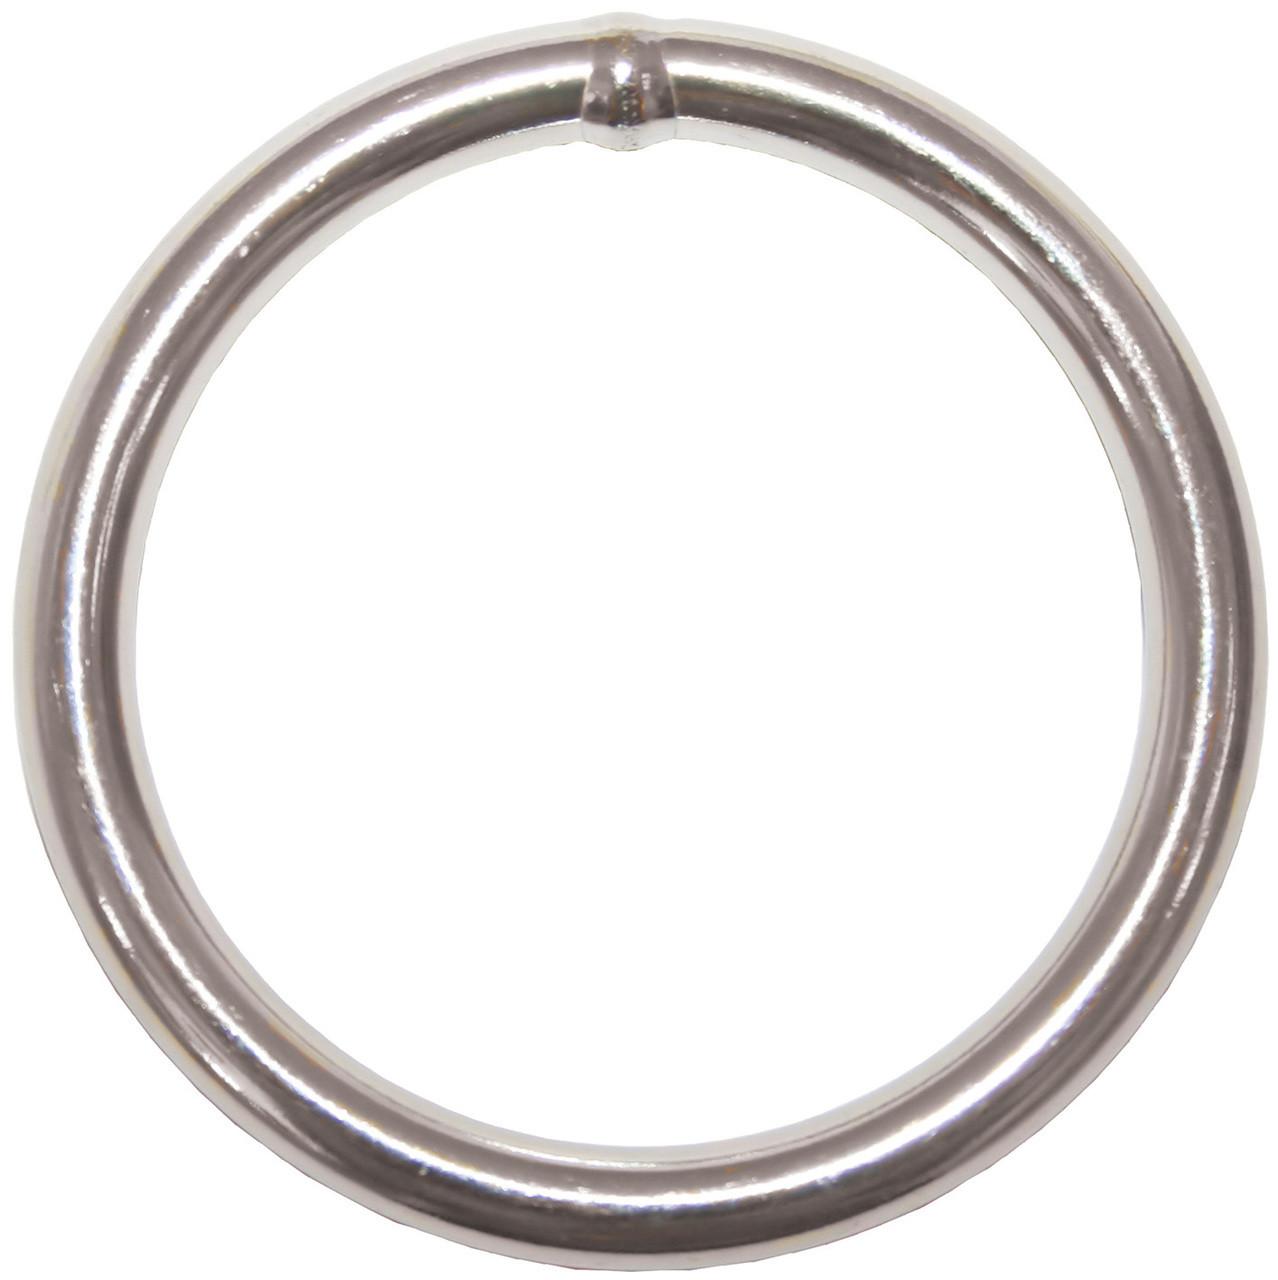 Round Ring S/S 10 x 100mm